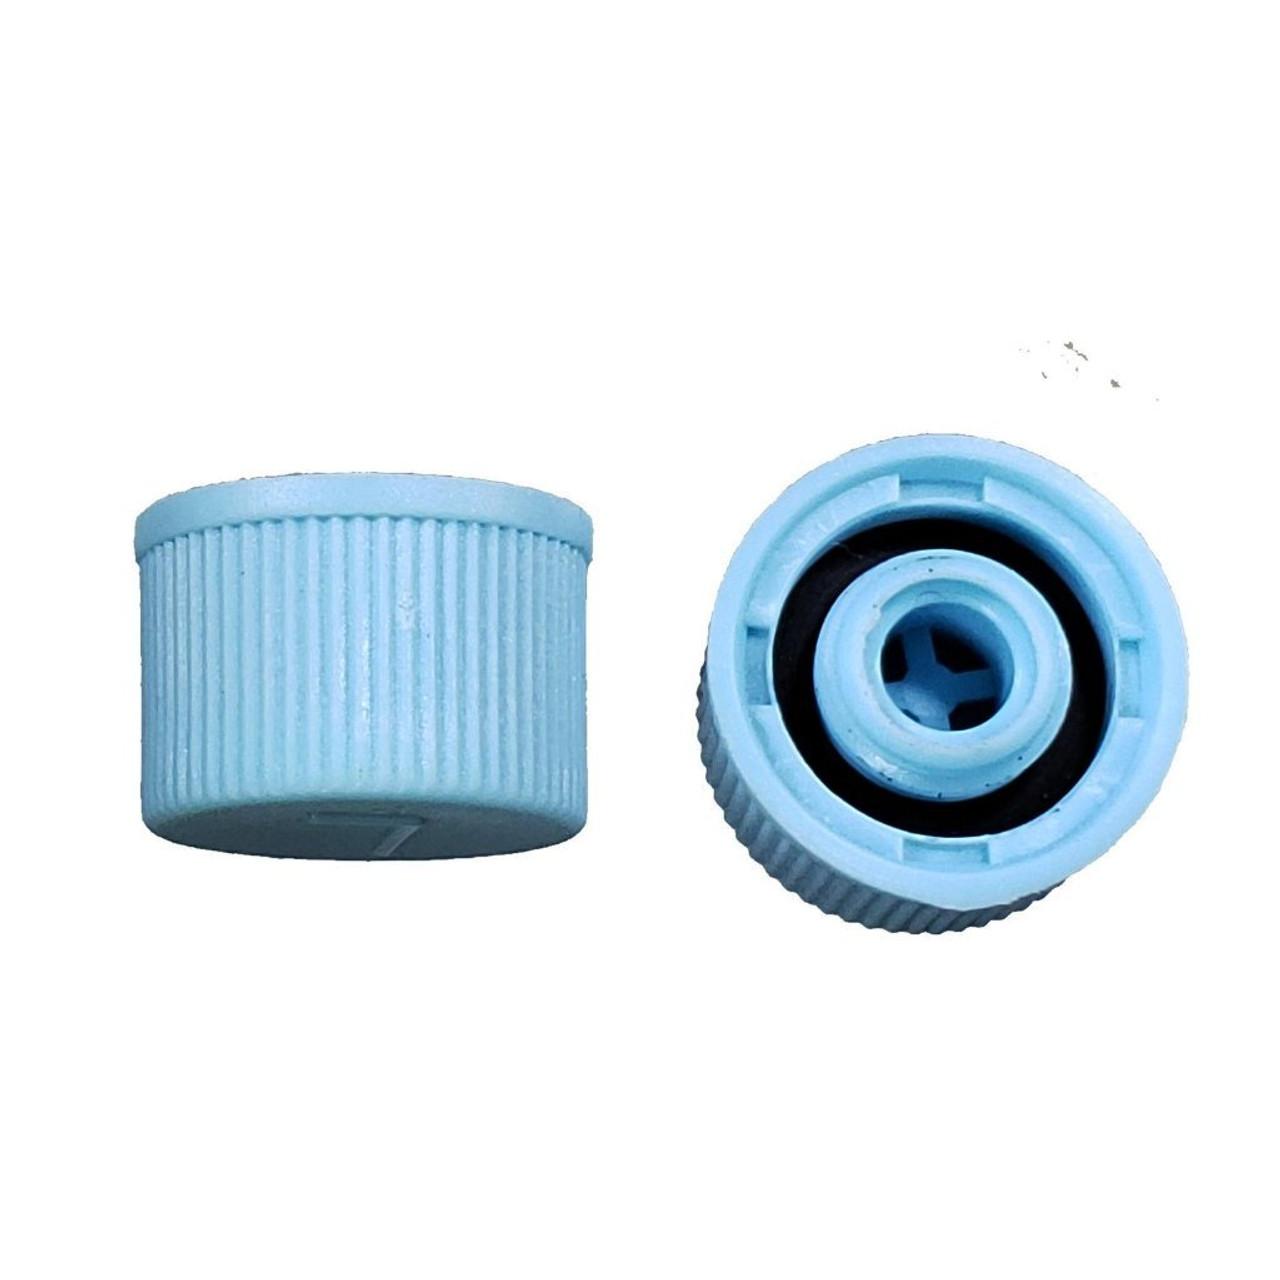 AC Service Port Cap R134a - Blue Low Side M9x1.0 - Interchanges: MT0310, 69500